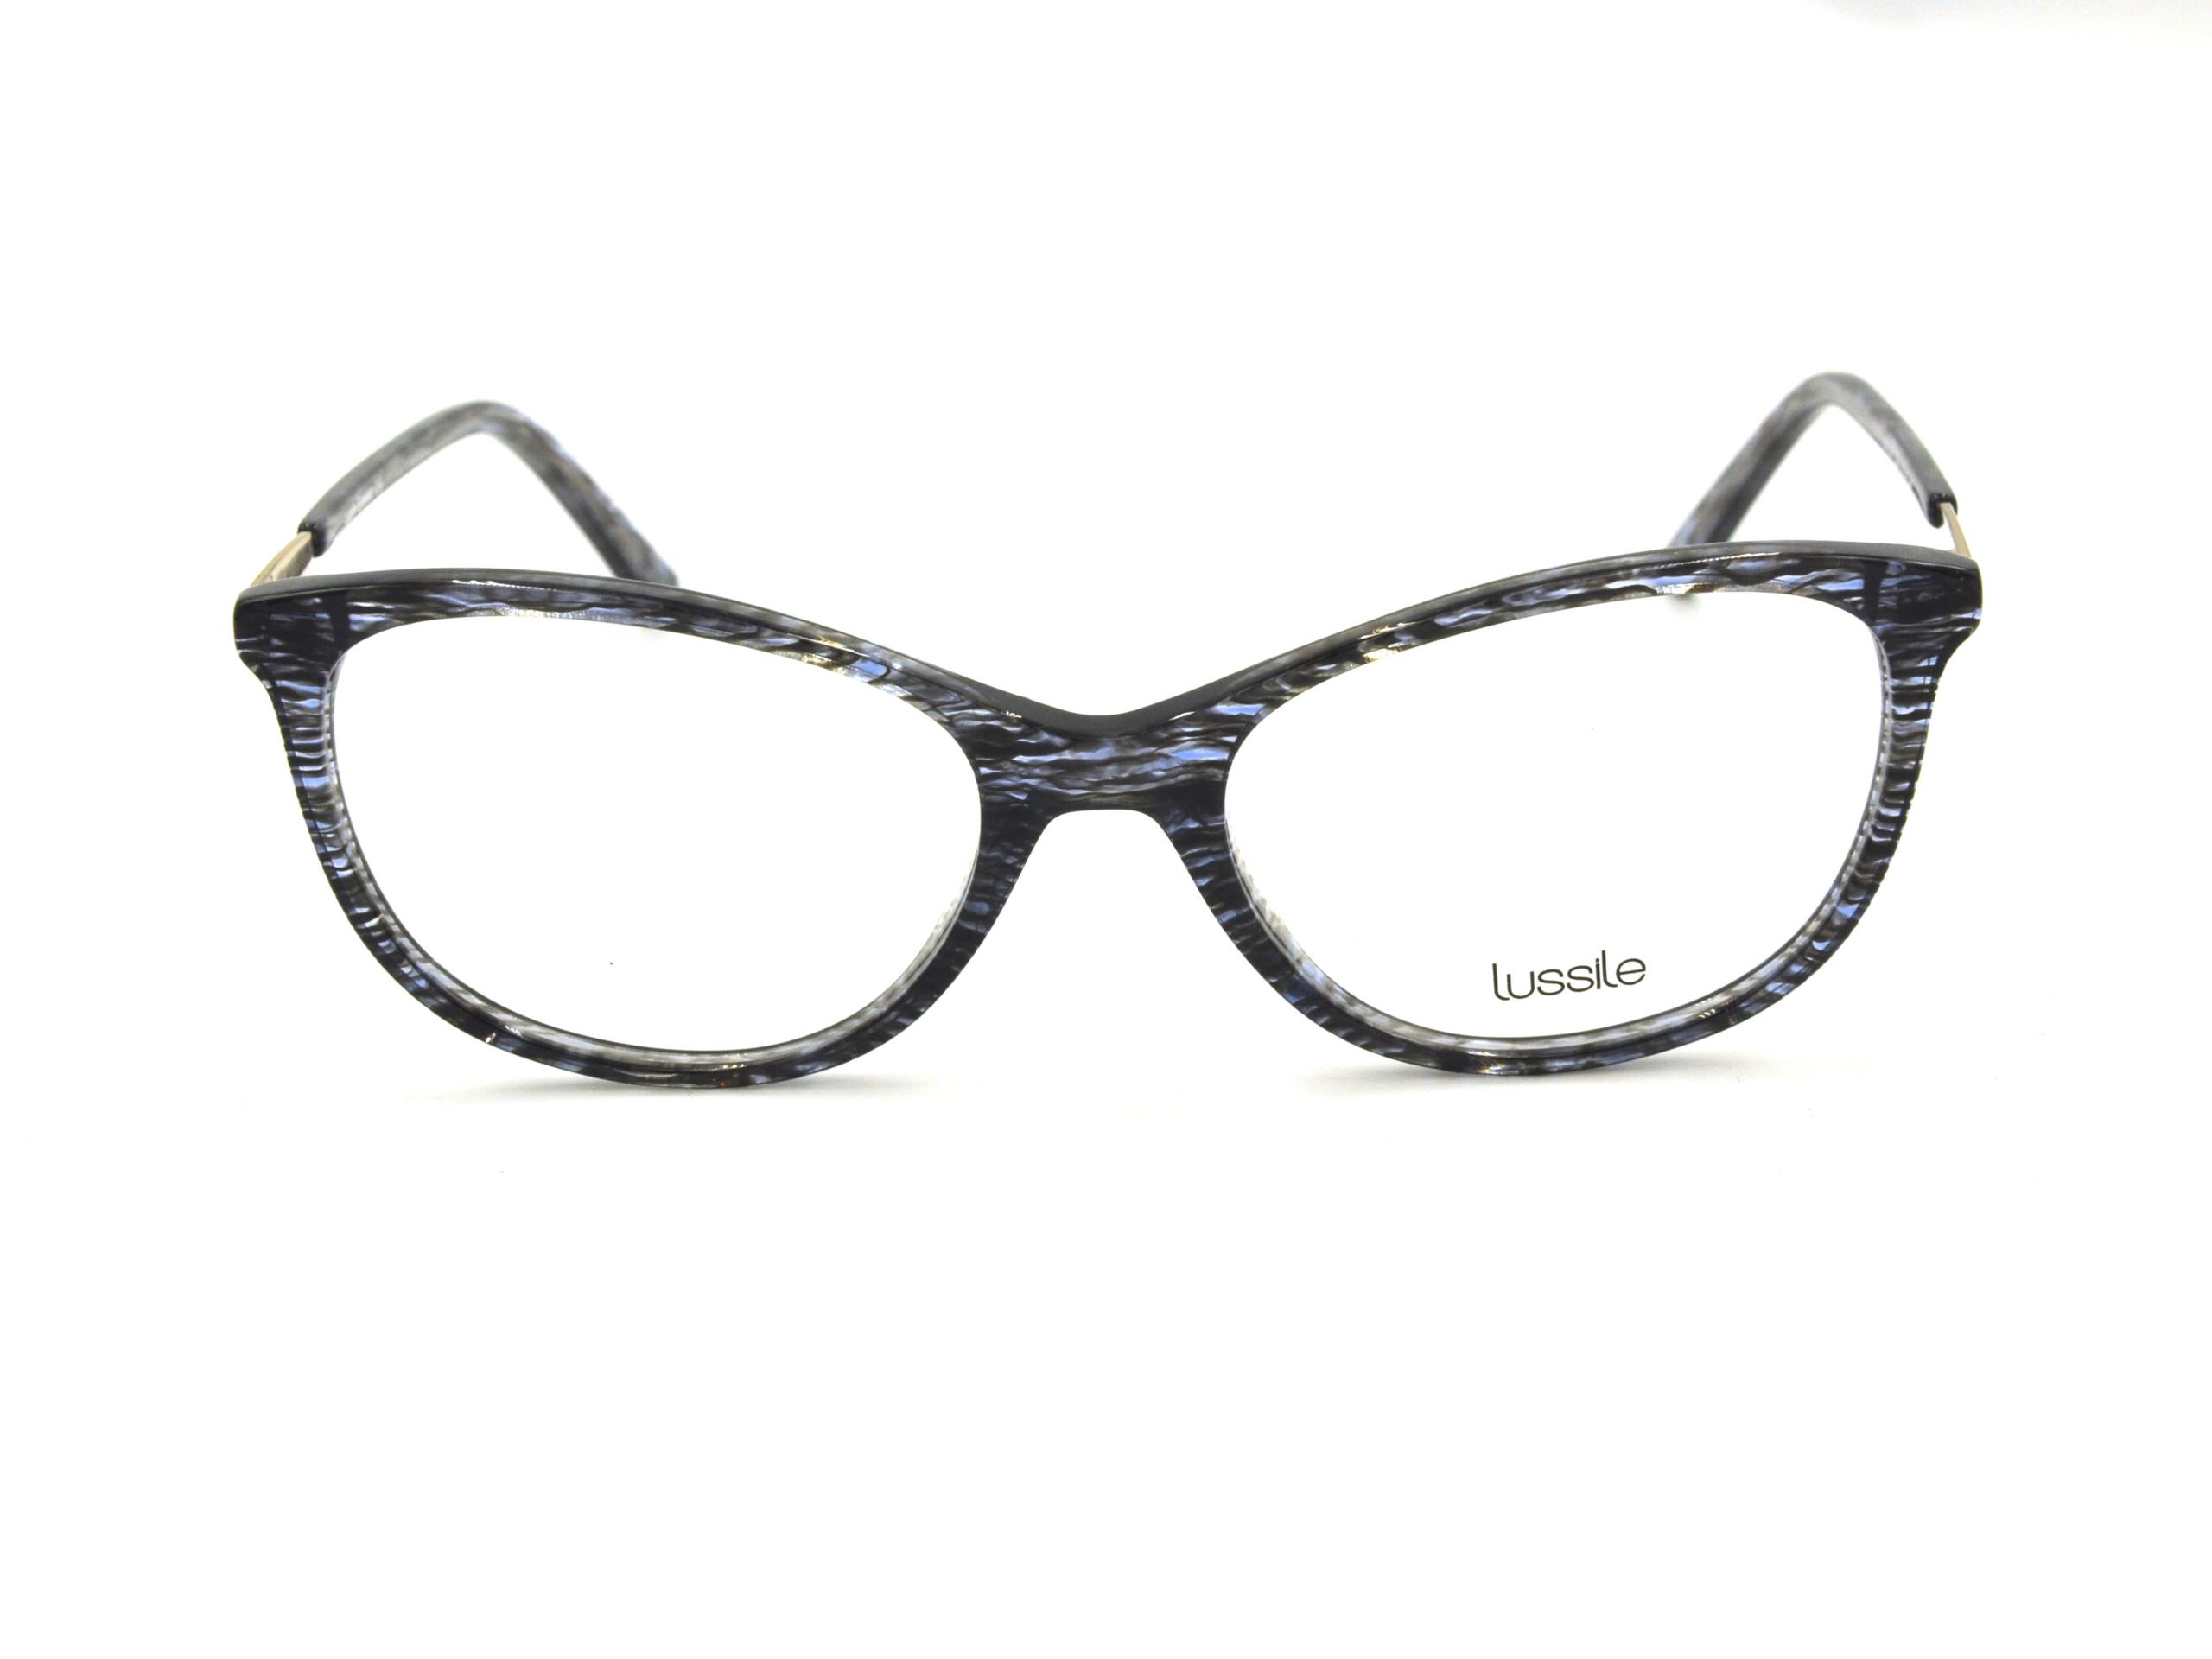 Γυαλιά οράσεως Lussile ls32196 ln06 Πειραιάς